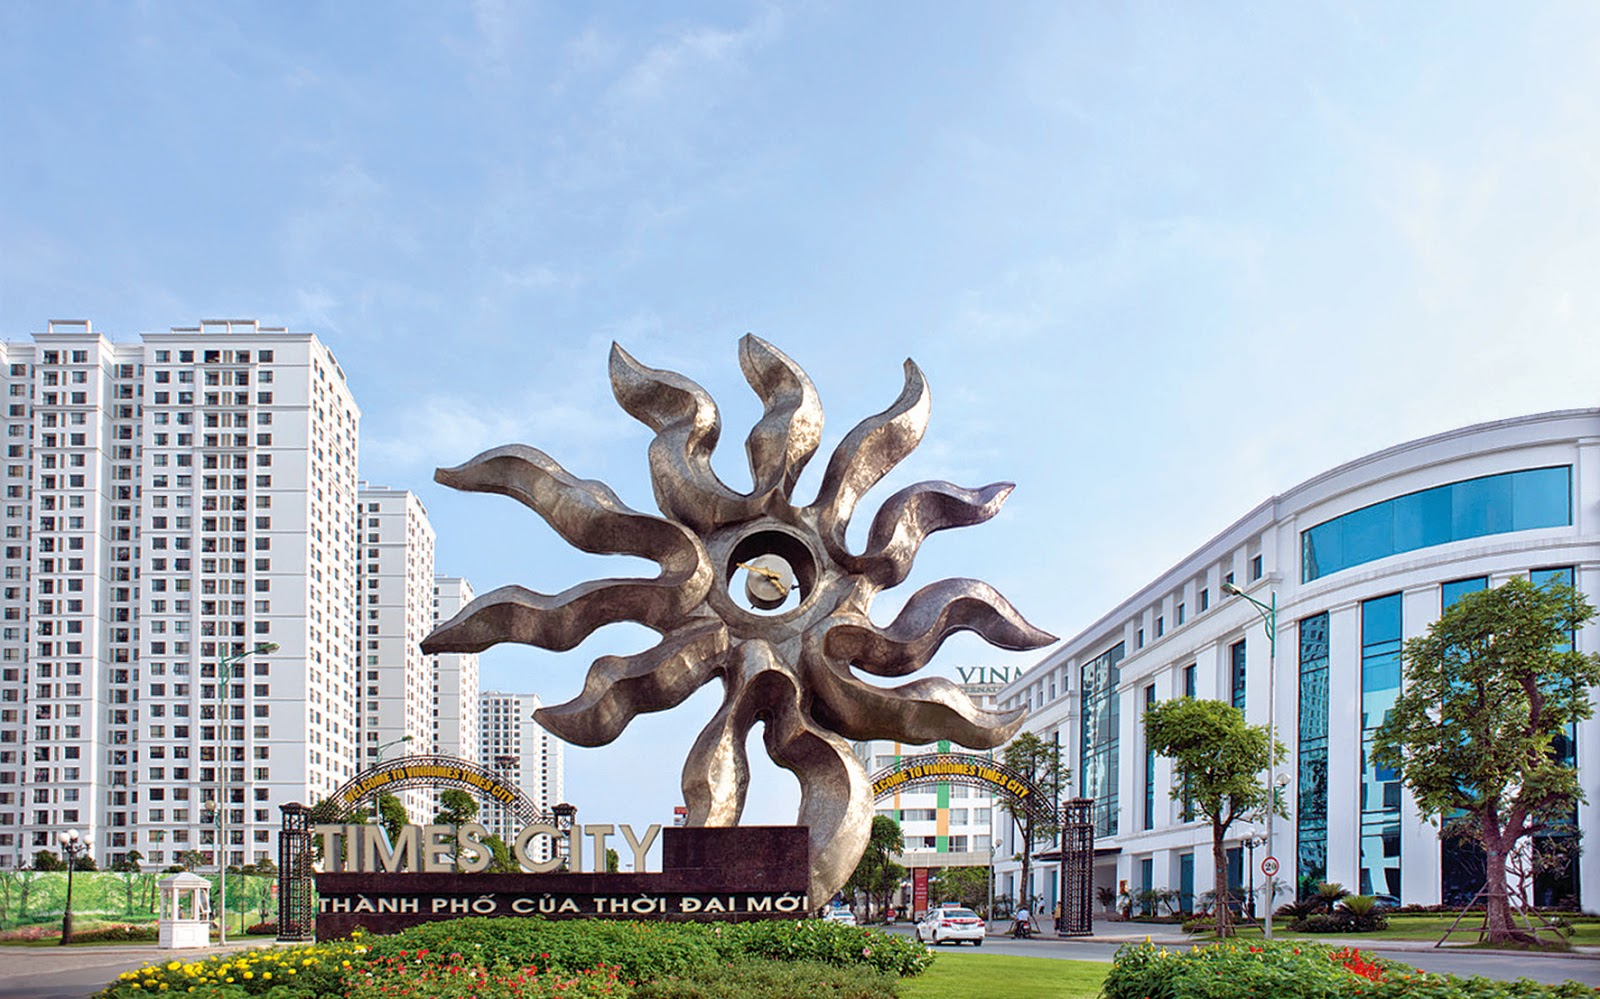 BÁN CHUNG CƯ TIMES CITY 458 - 460 MINH KHAI